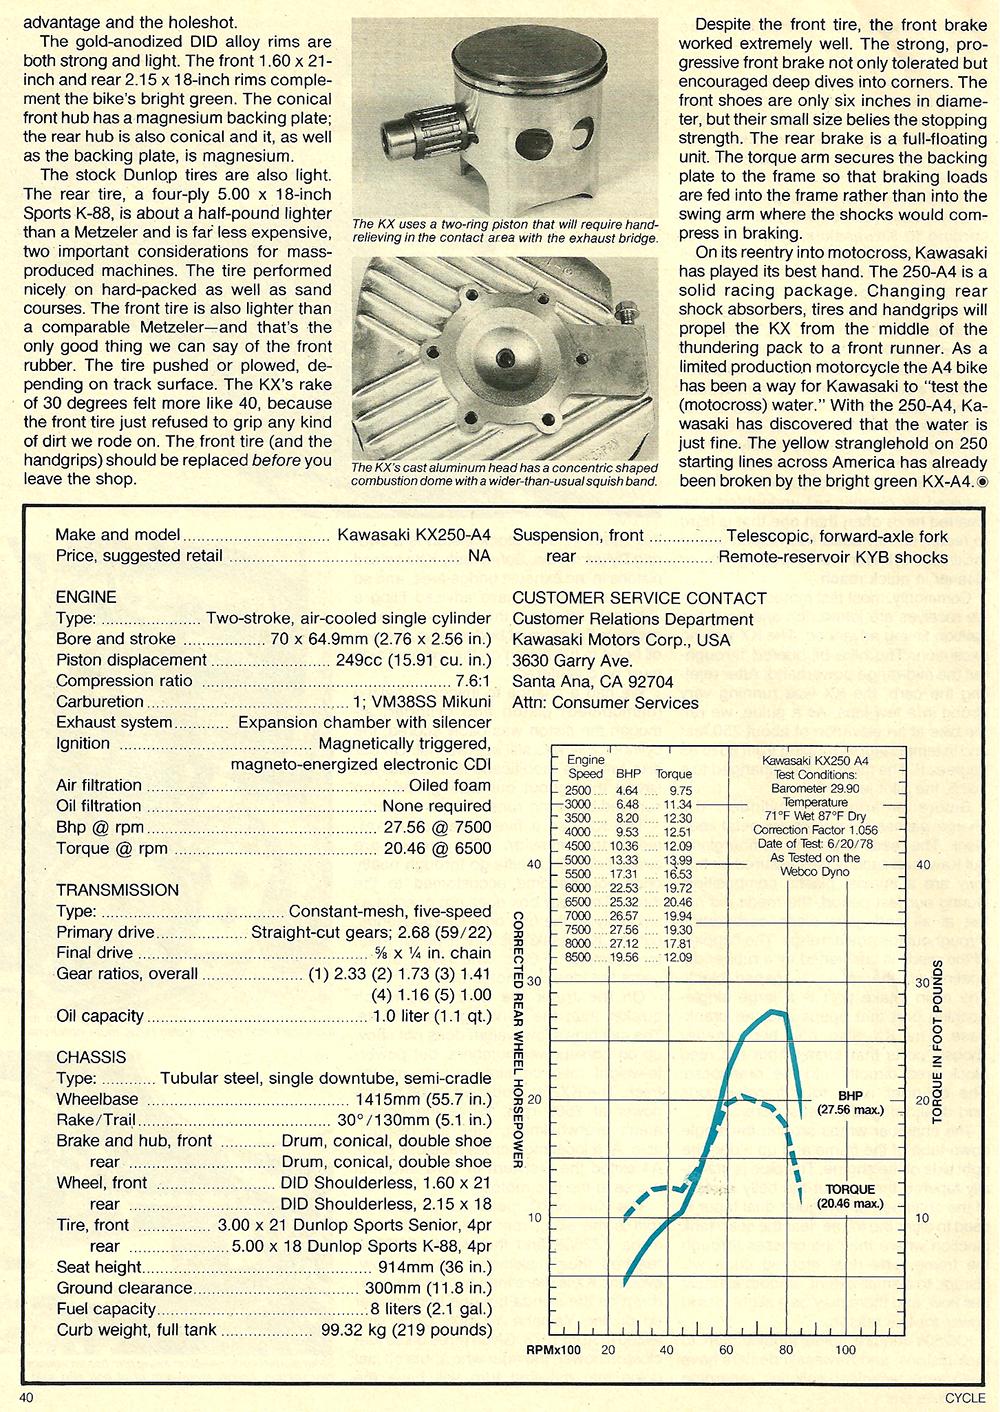 1978 Kawasaki KX250 A4 road test 05.jpg